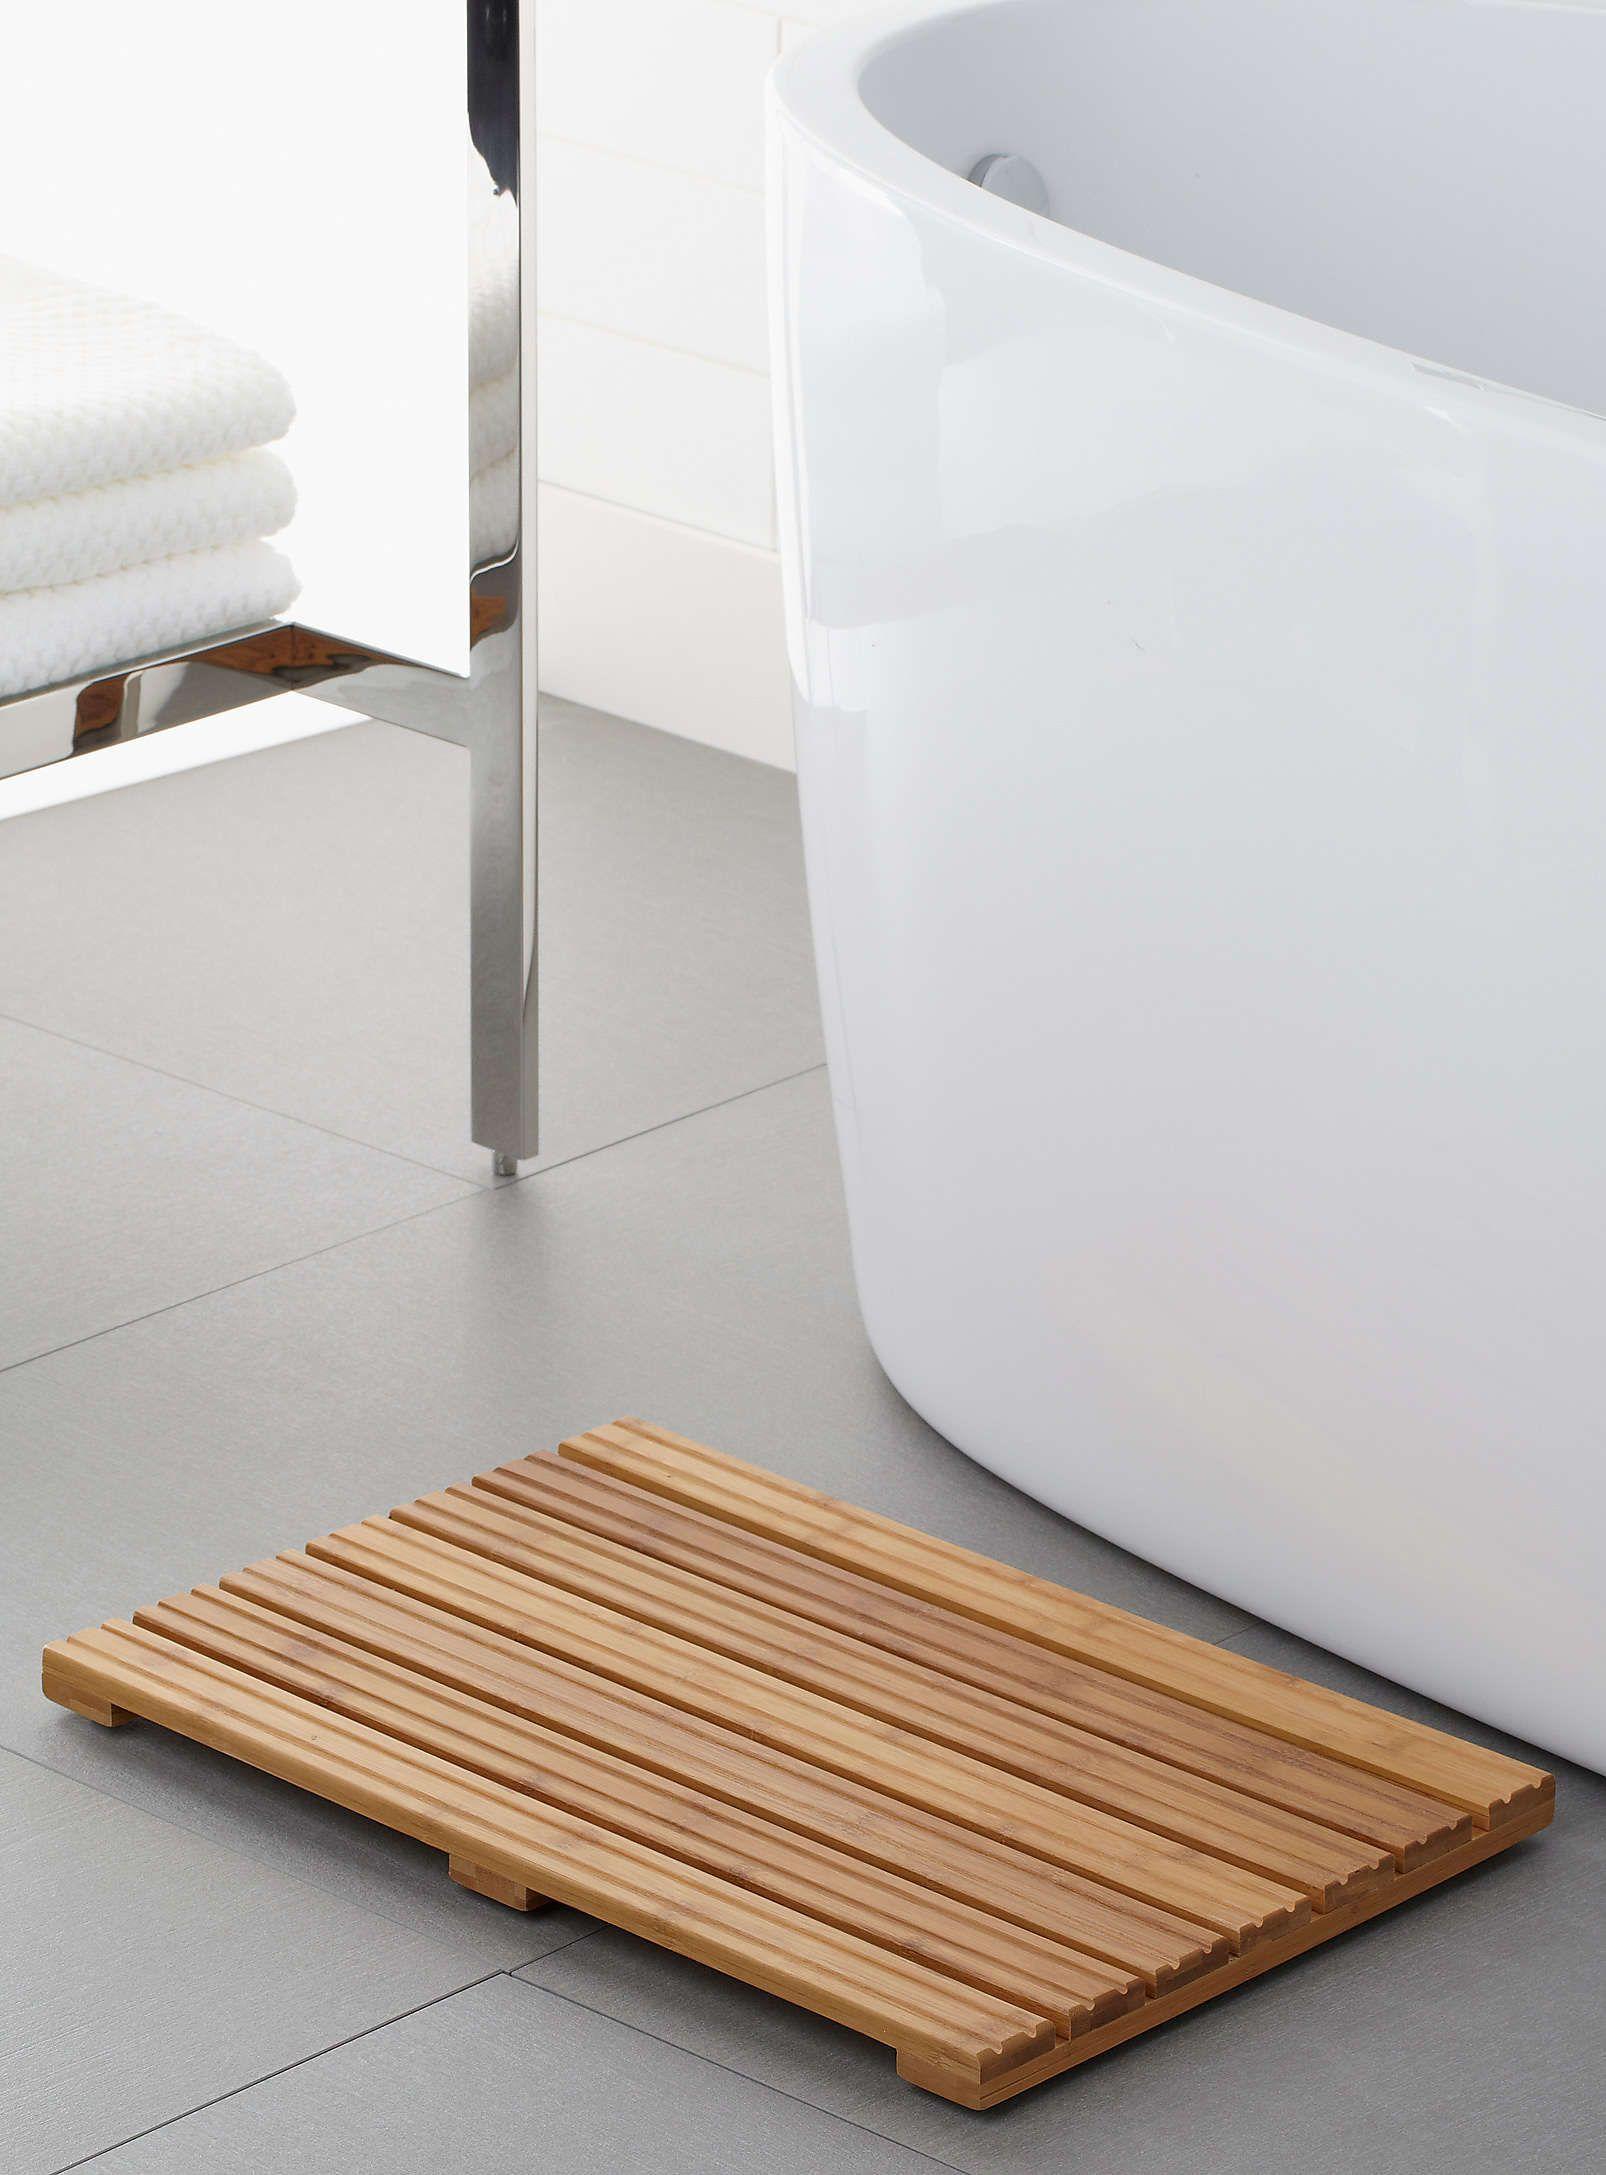 Salle De Bain Exterieur ~ le tapis bambou spa scandinave 14×21 pouces accessoires de salle